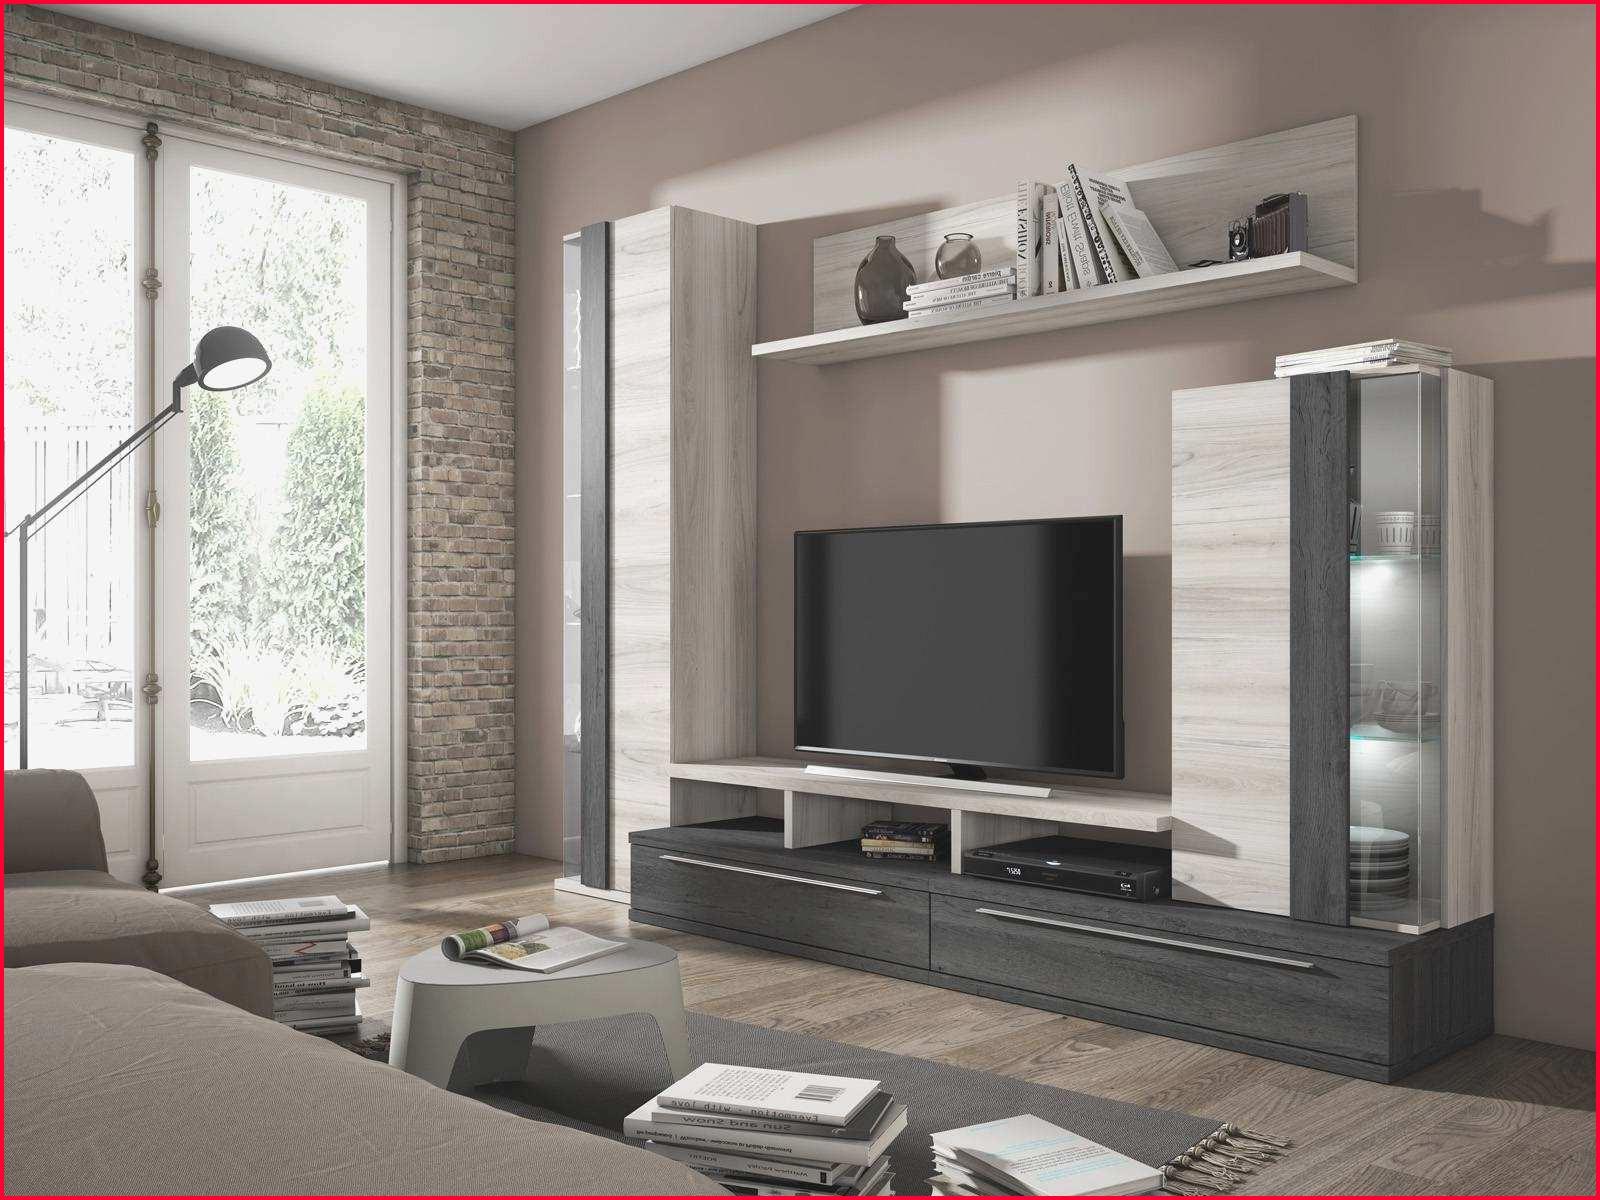 Muebles De Salon Merkamueble Wddj Muebles De Salon Merkamueble Adorable Mueble De Salon Modular